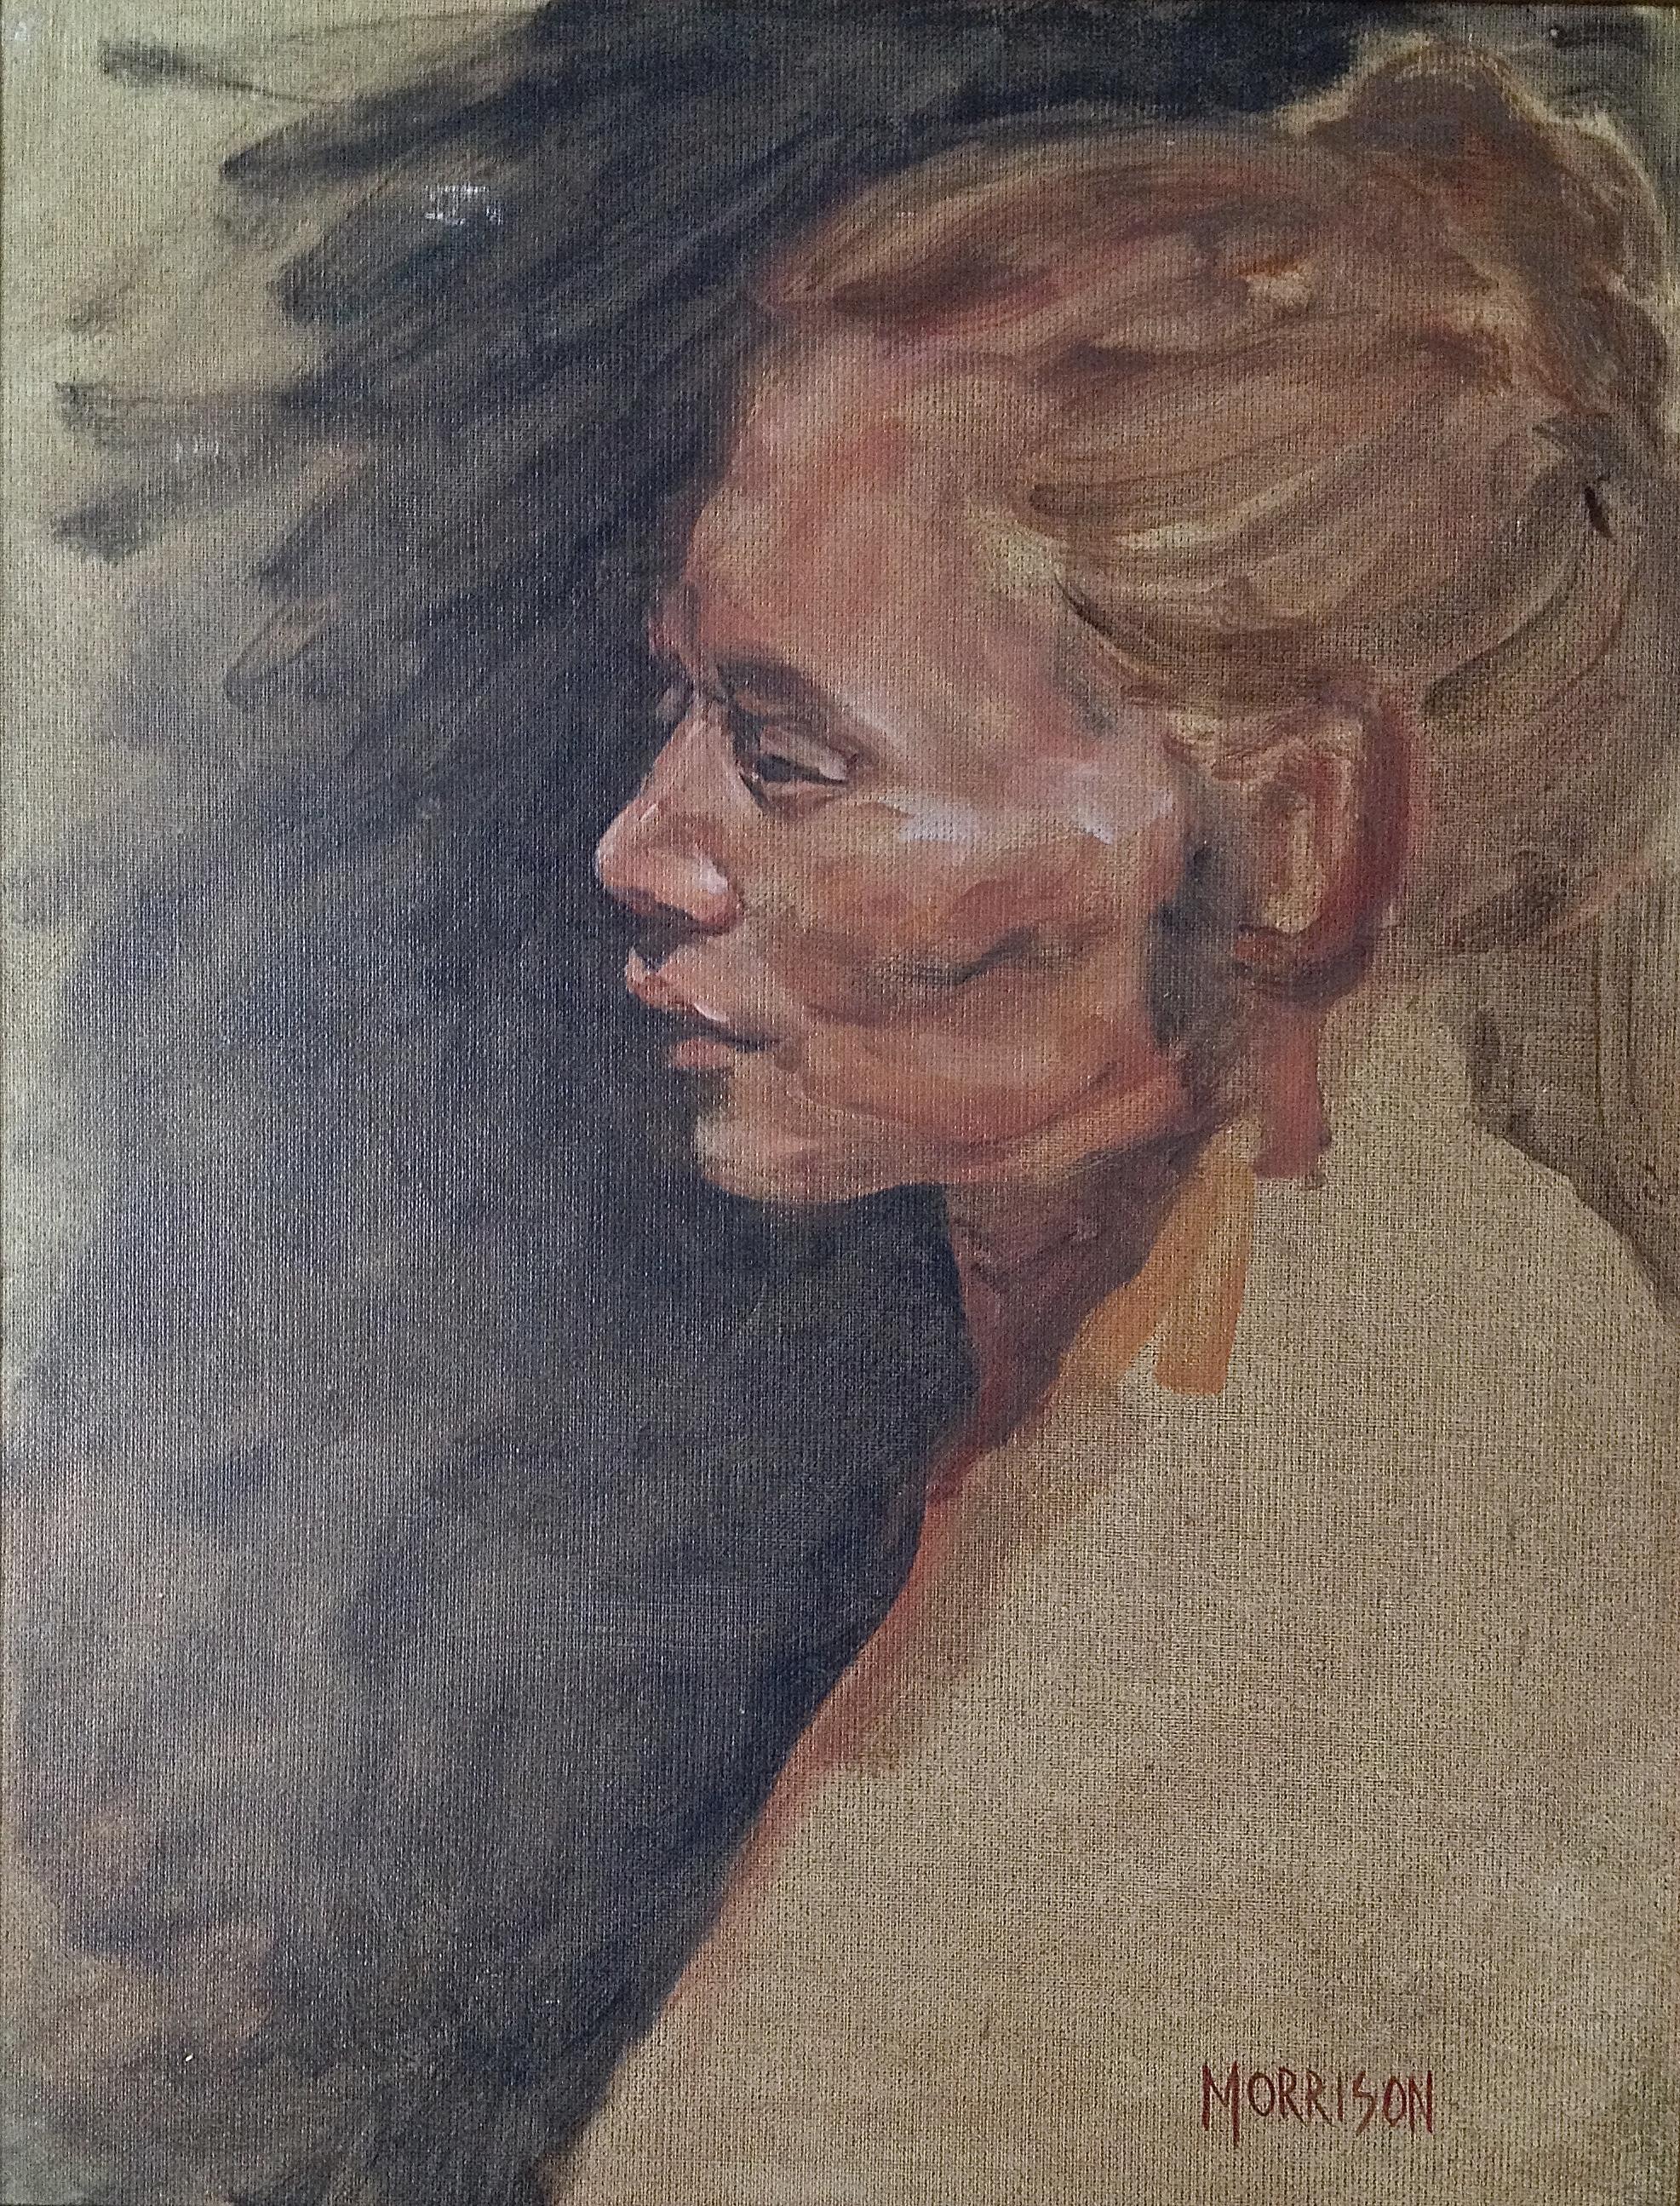 In Profile